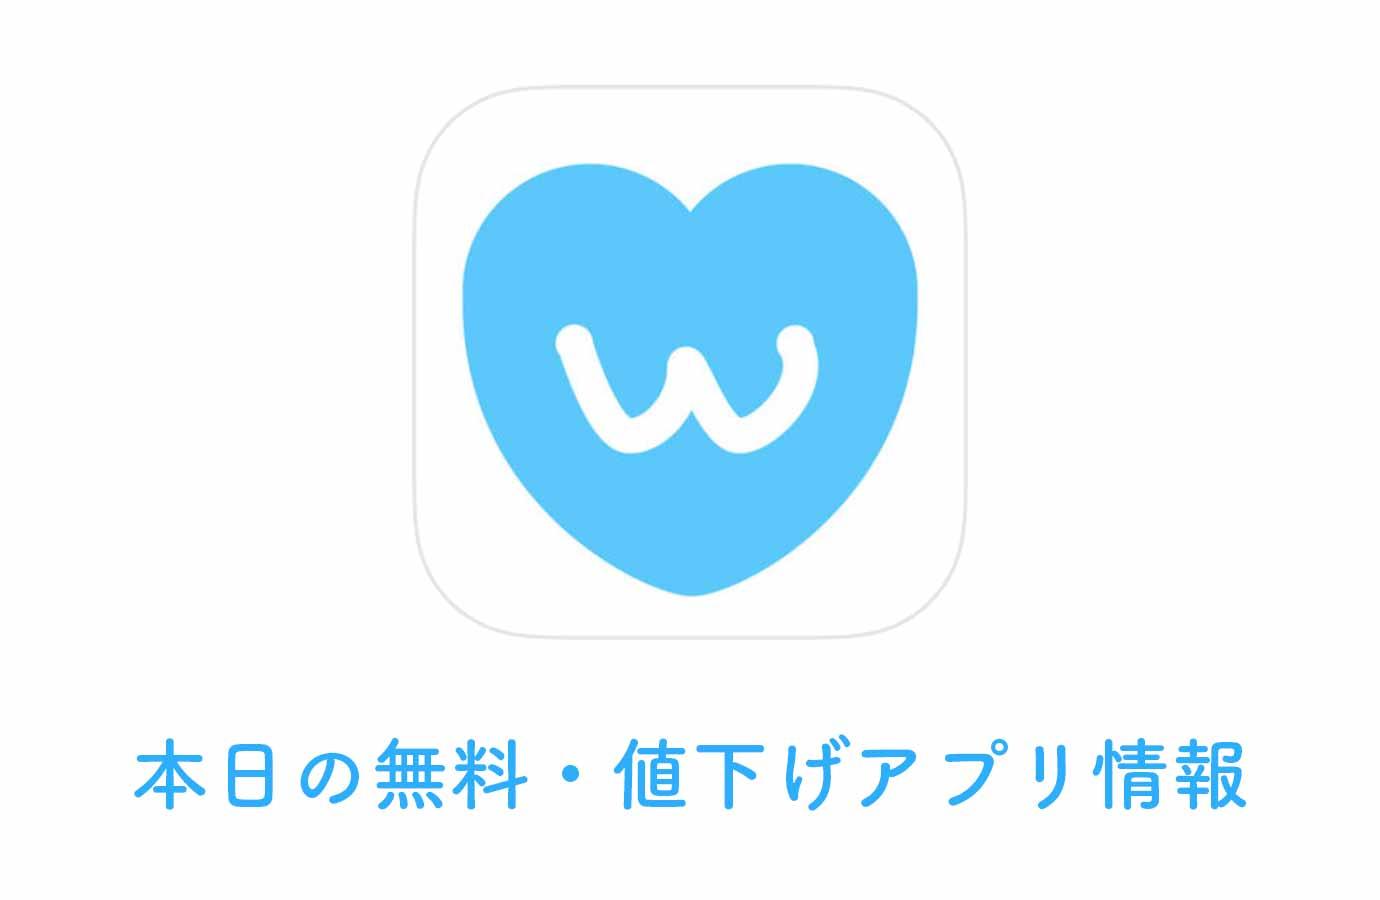 【240円→無料】ウィジェットに時計やアプリなどを設置できる「Widget DIY」など【3/14】本日の無料・値下げアプリ情報